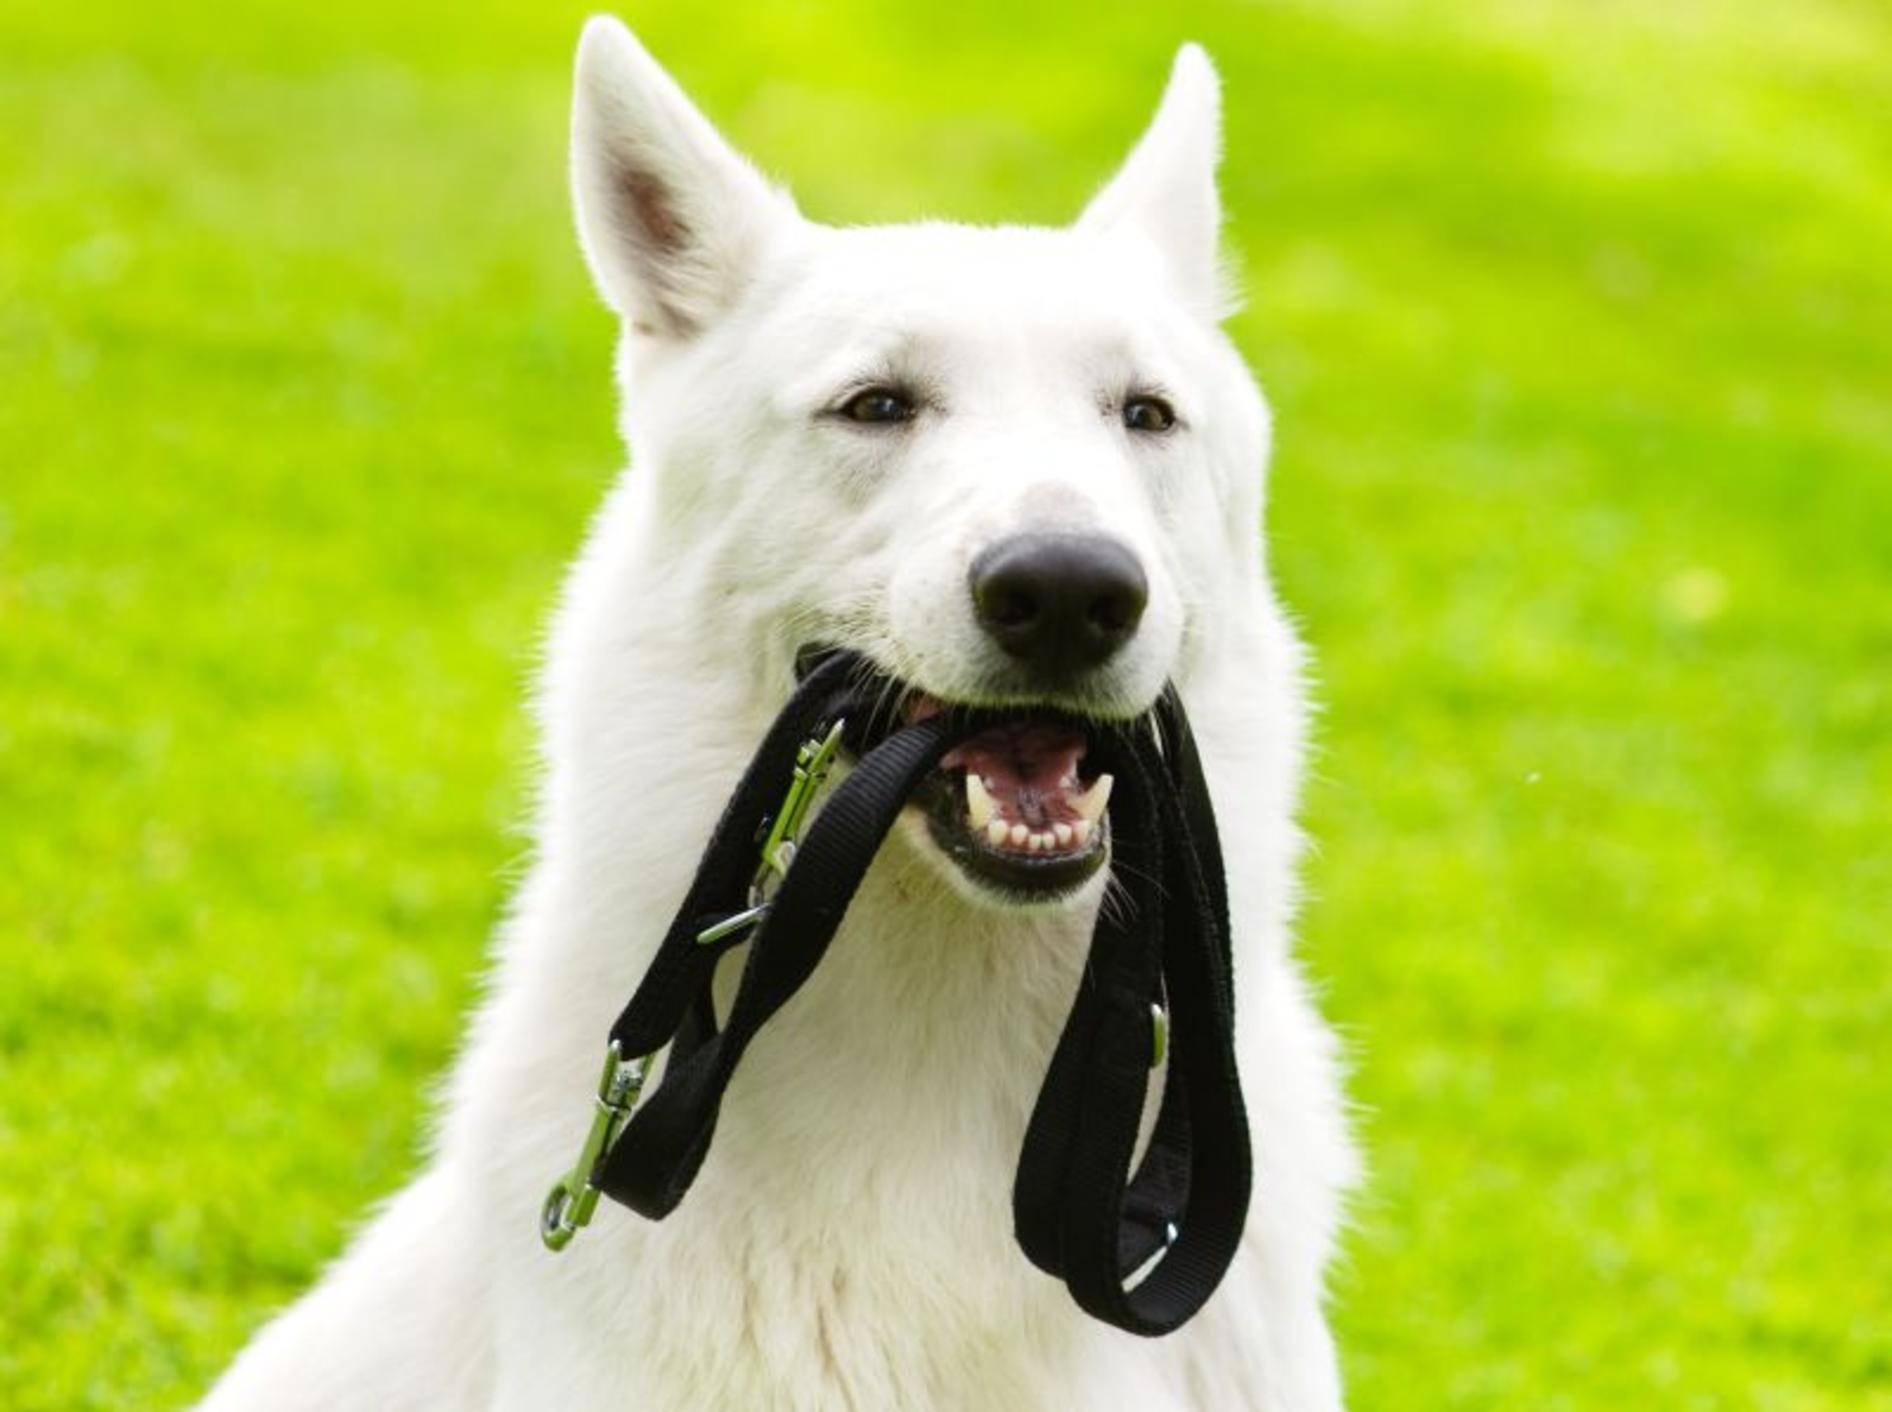 Nicht vergessen beim Gassigehen: Die Hundeleine – Bild: Shutterstock / Ermolaev Alexander1